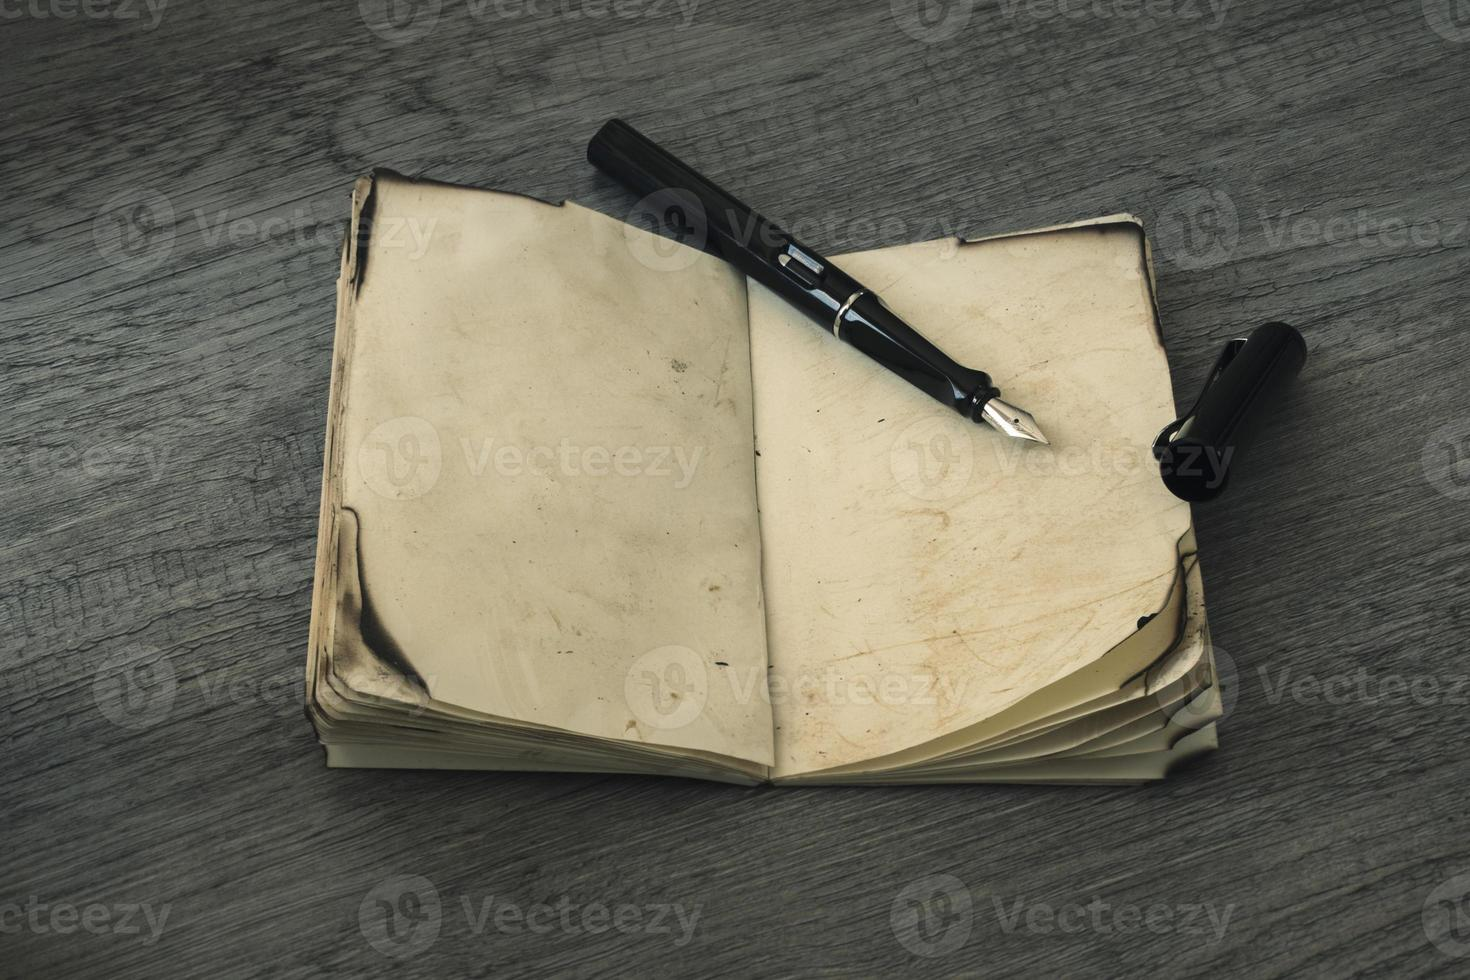 penna a inchiostro aperta con un vecchio taccuino foto